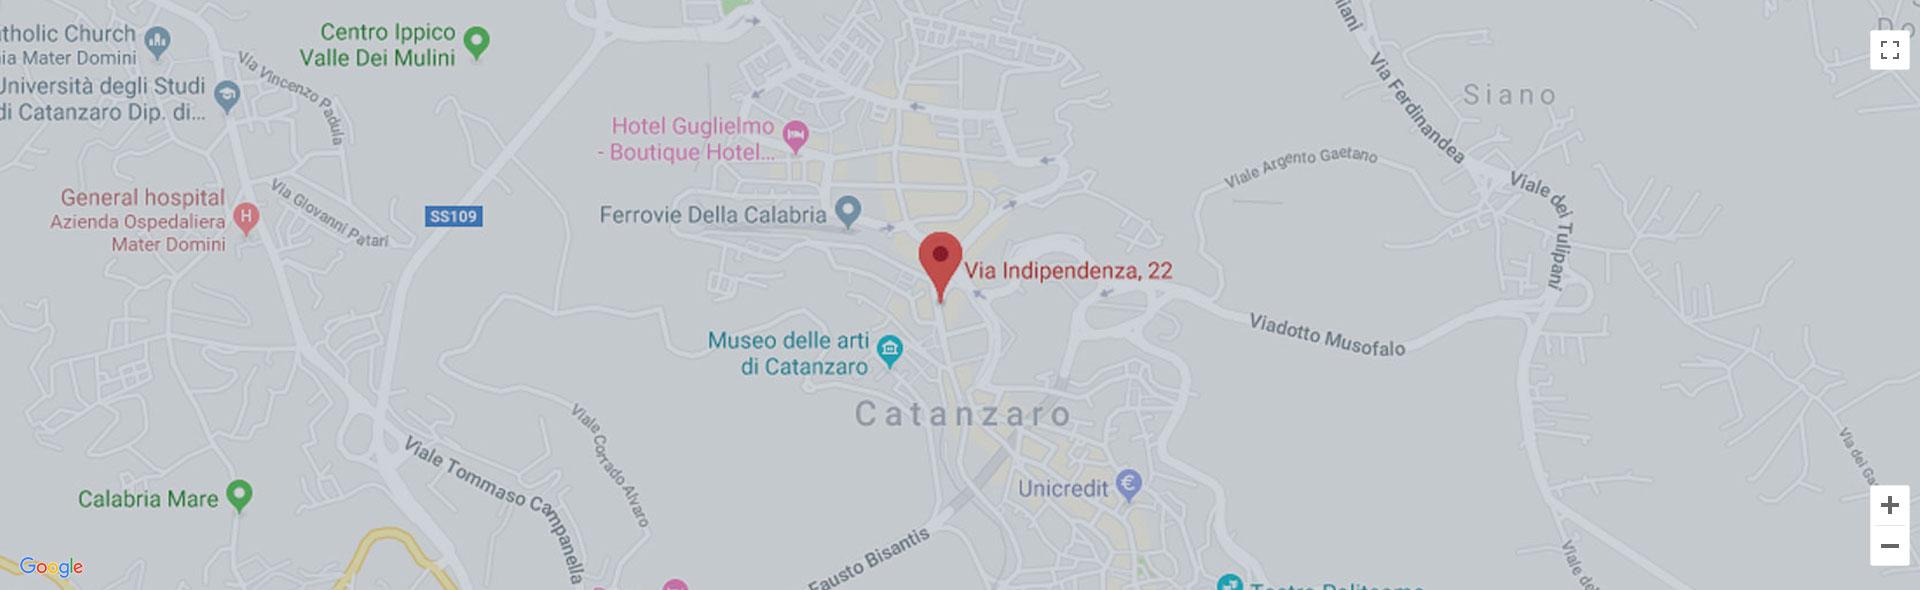 Agenzia Tre Colli Contatti Google Maps